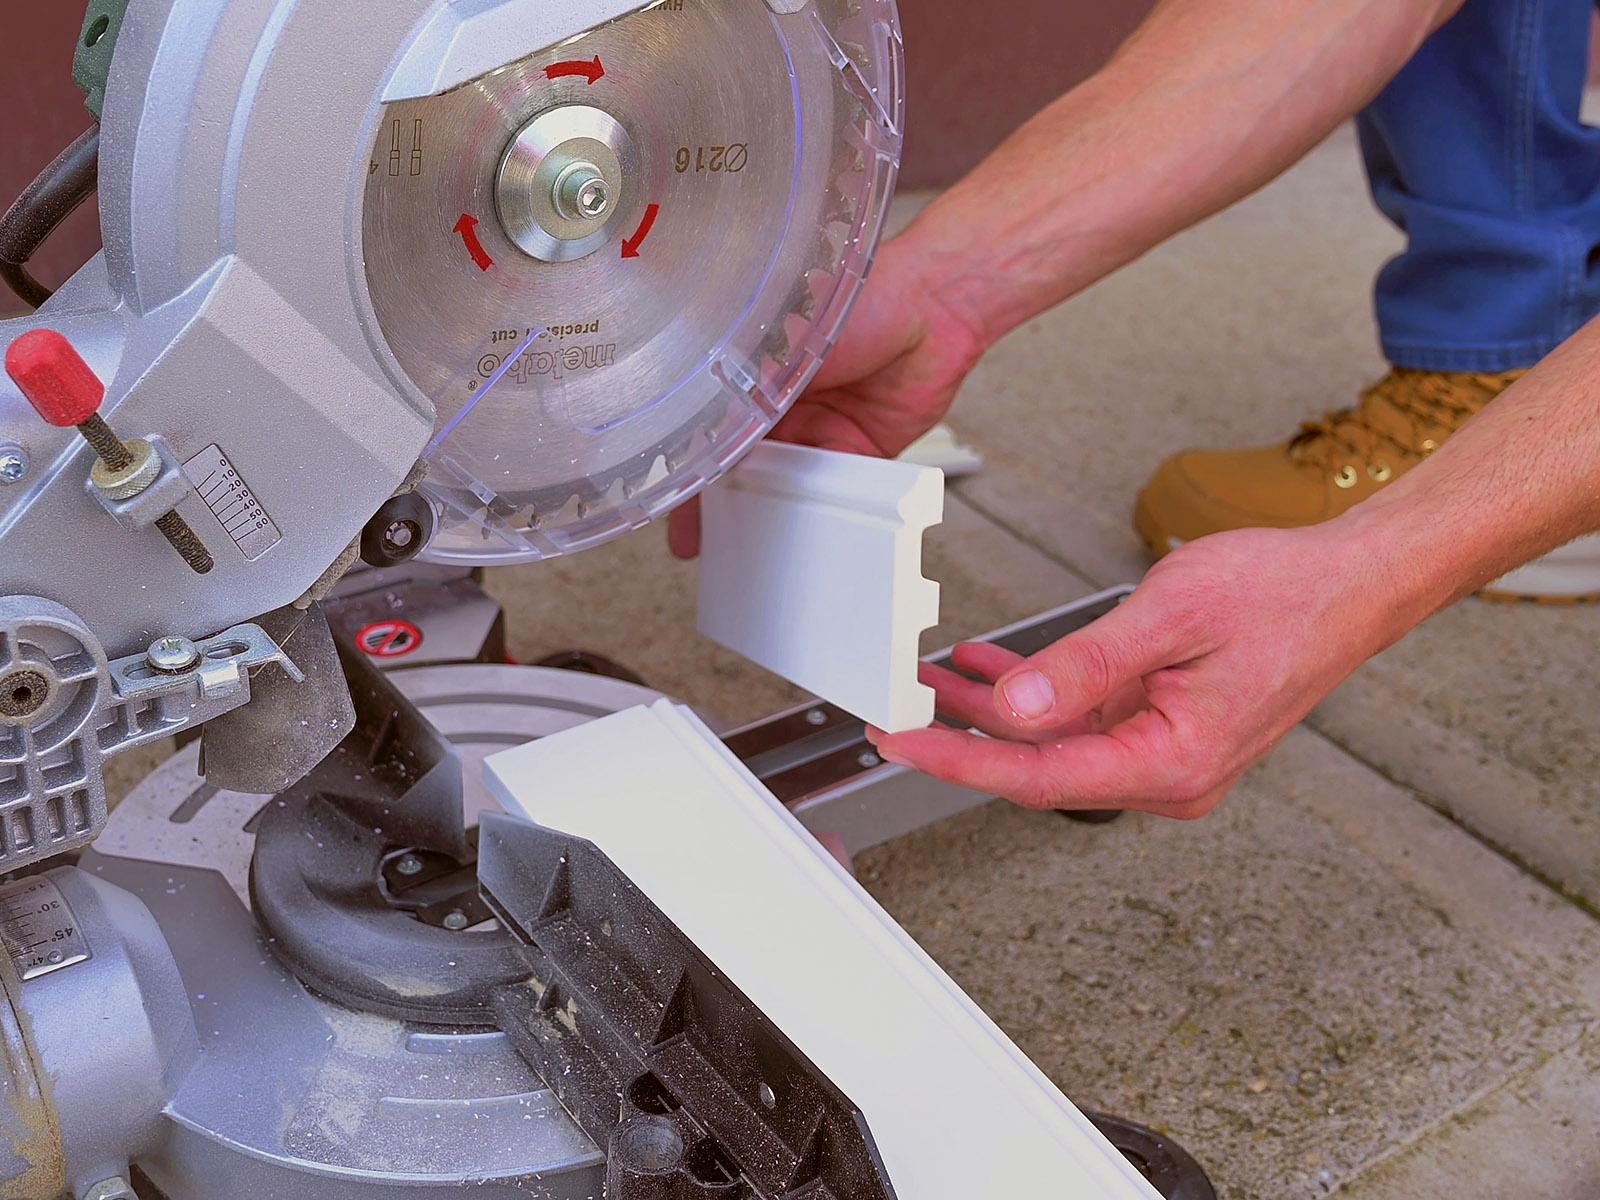 A méretre vágáshoz sem kellenek speciális eszközök, kézi vagy gépi fűrész megfelelő.